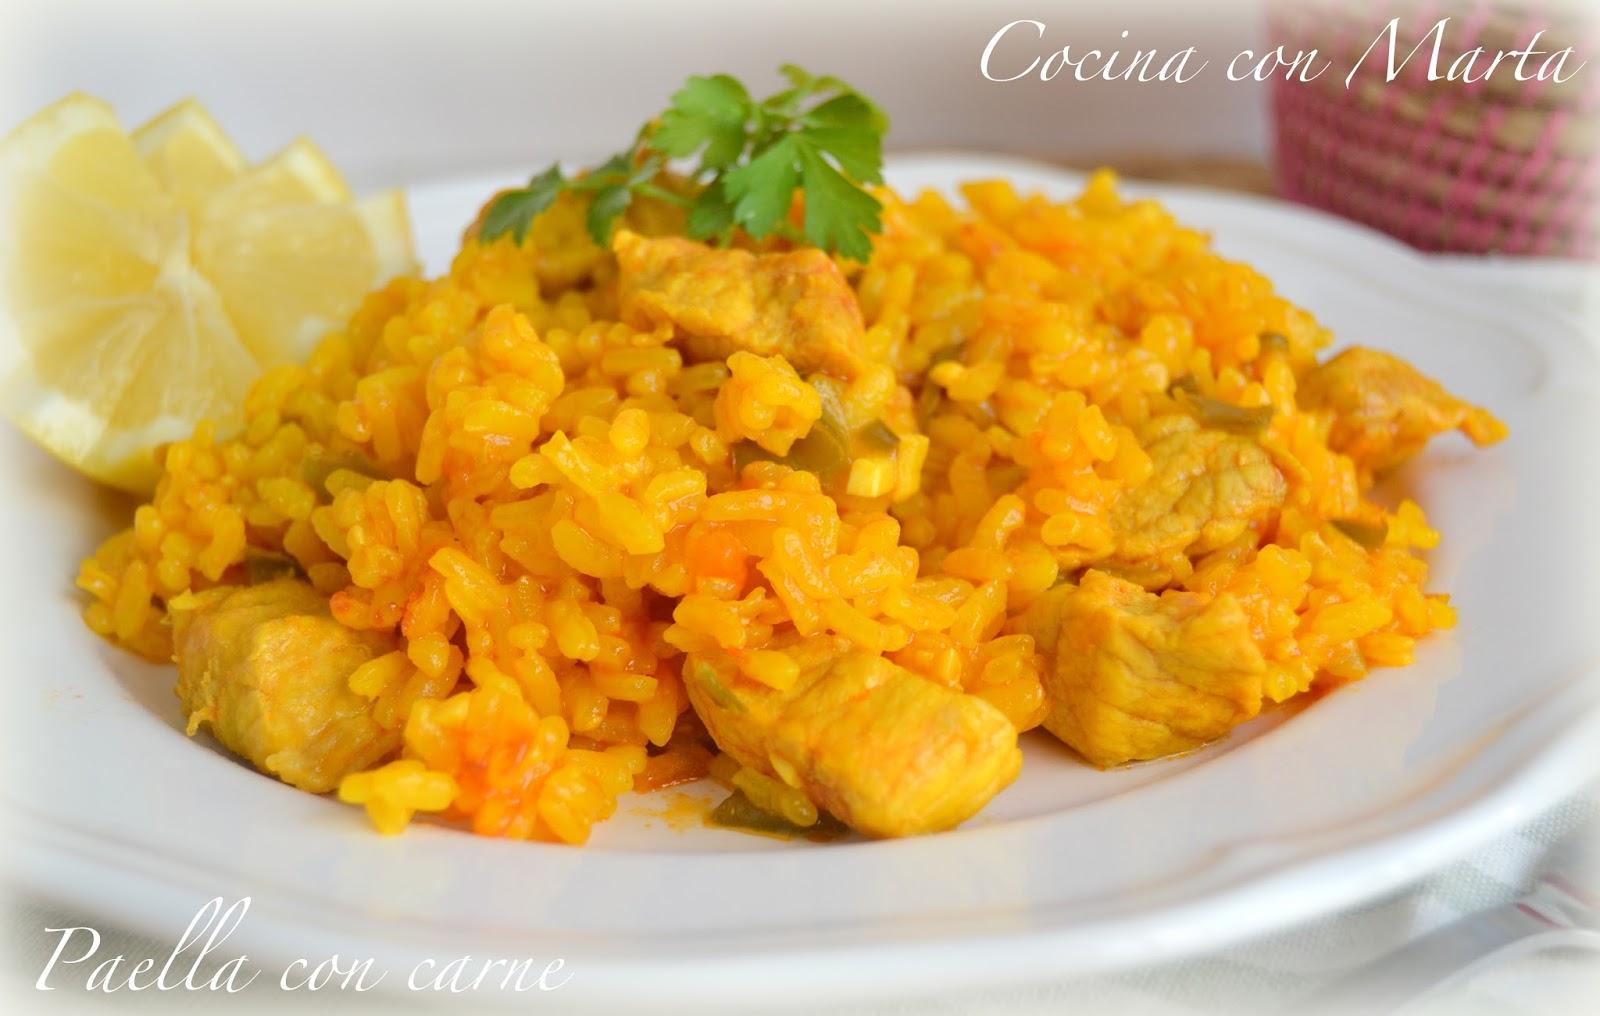 Paella o arroz con carne. Fácil, rápido y casero. Plato típico España.